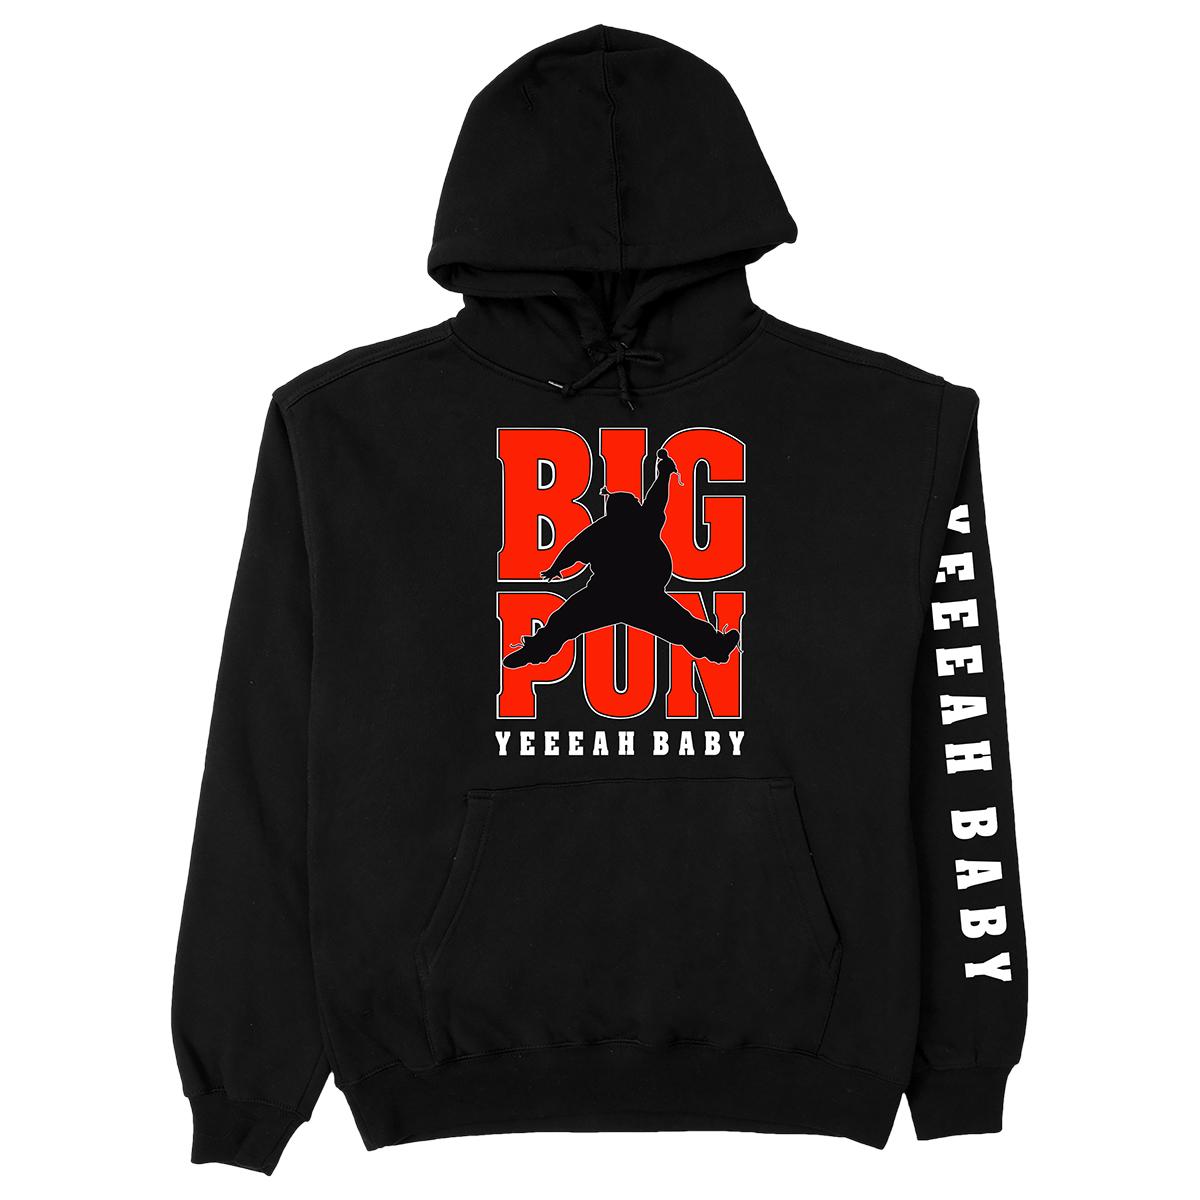 Big Pun - Yeeeah Baby Hoodie